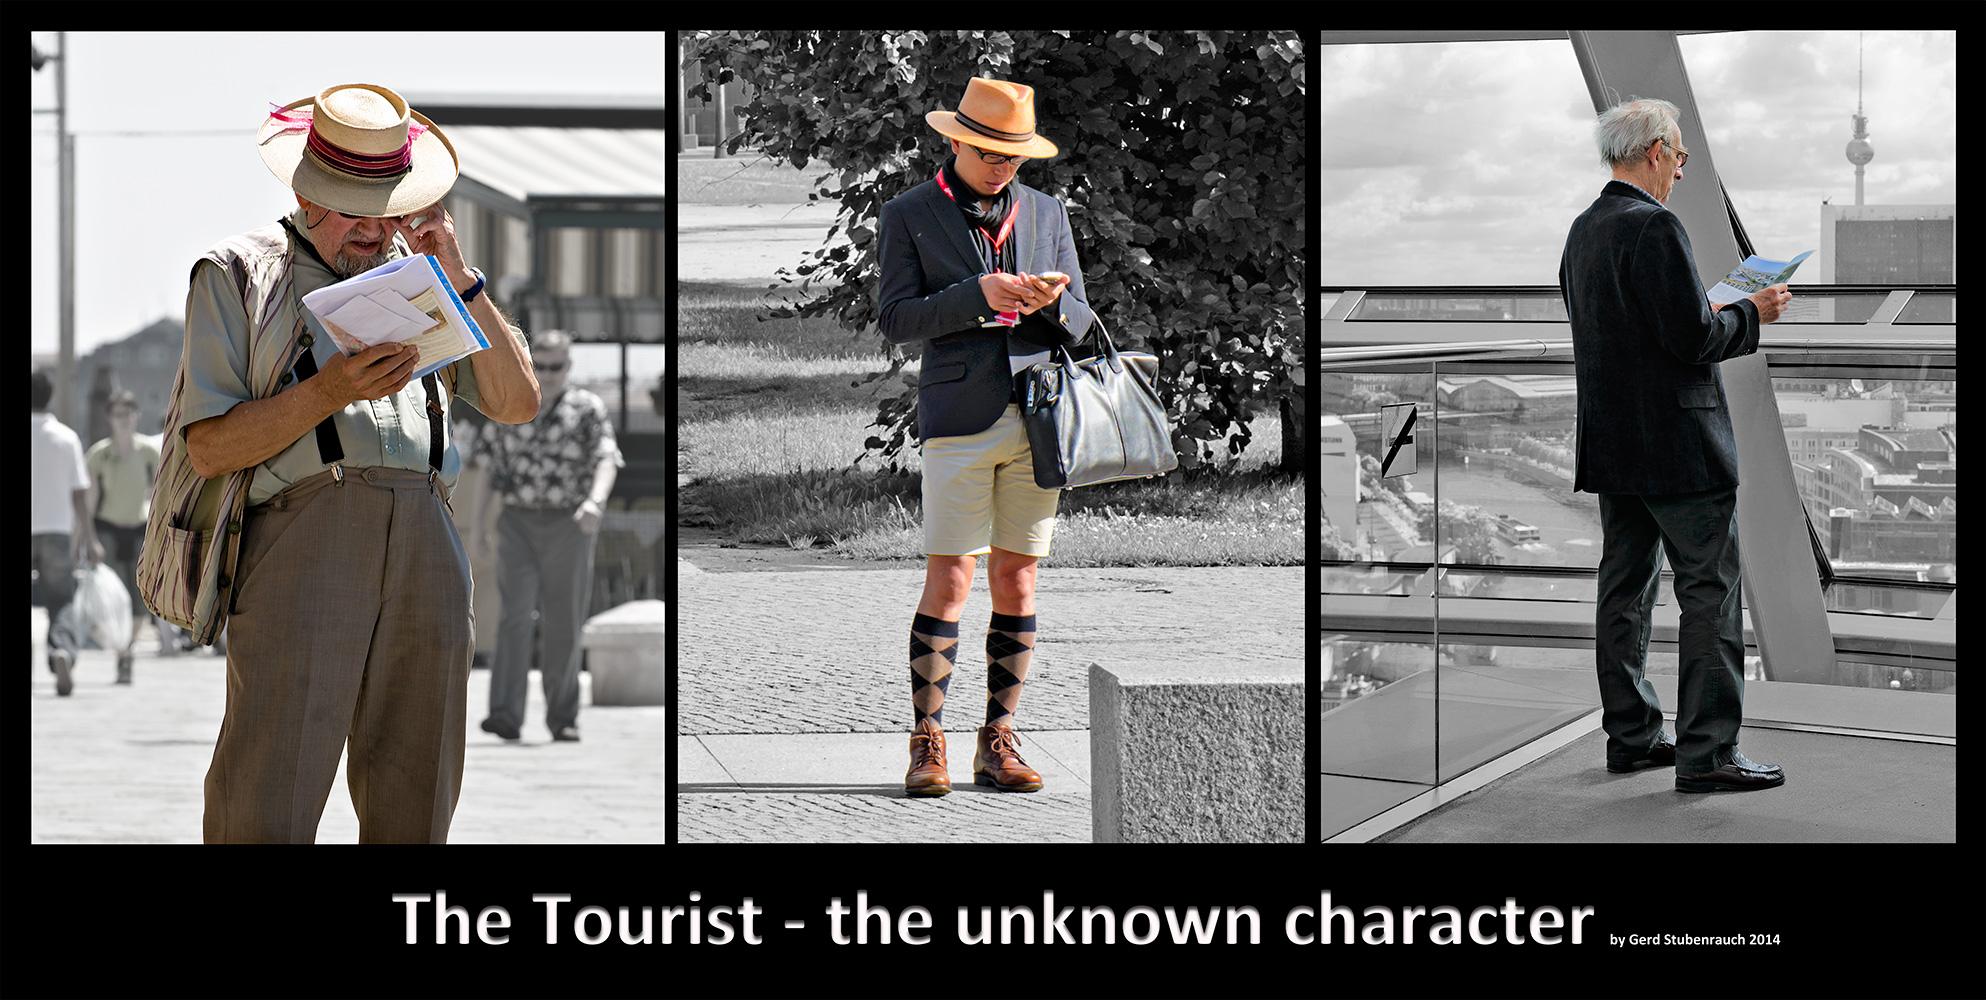 Der Tourist das unbekannte Wesen